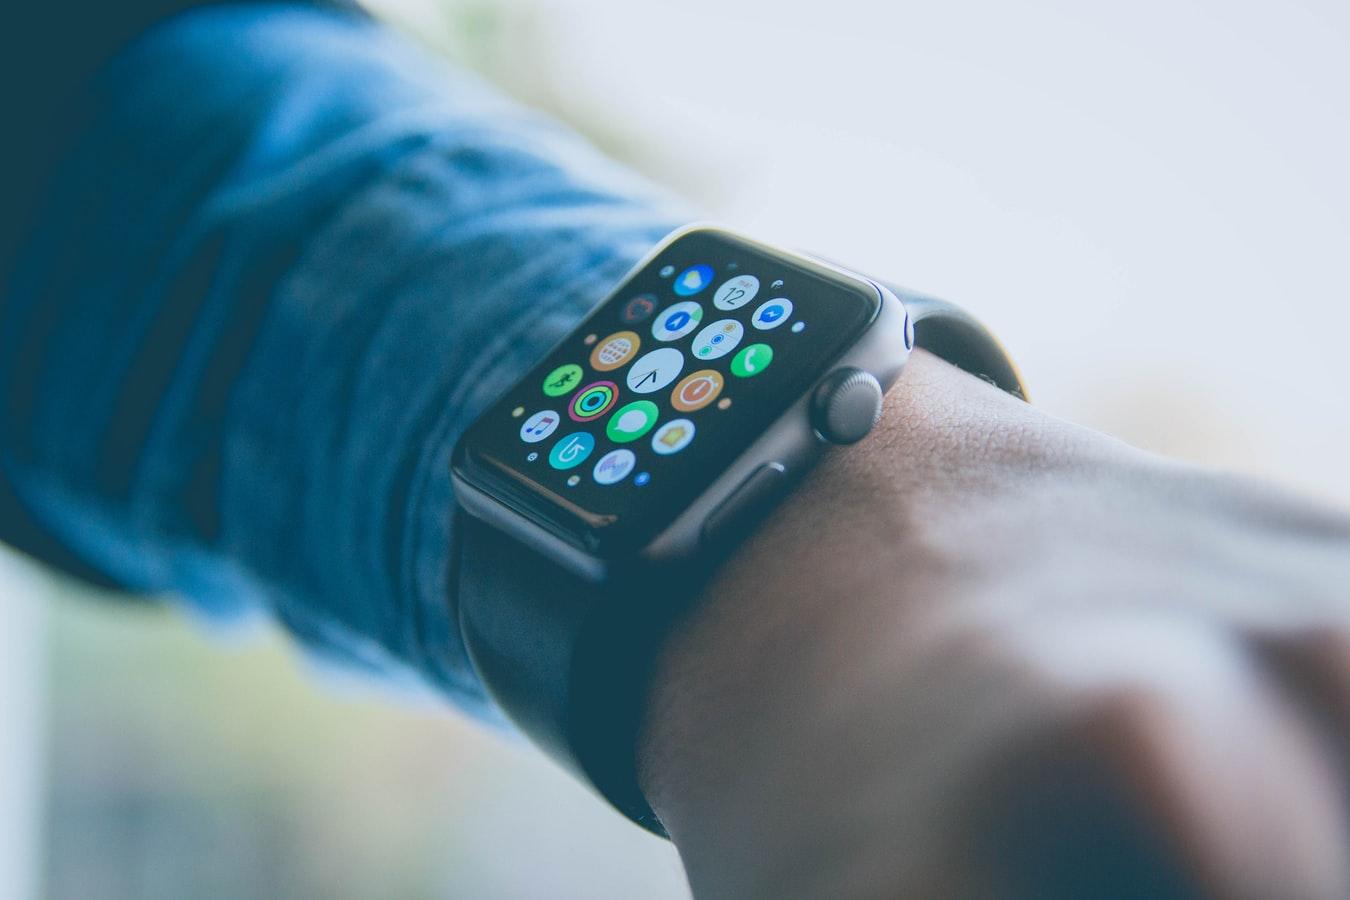 Bericht: Nächste Apple Watch könnte modular aufgebaut sein und neue Sensoren mitbringen